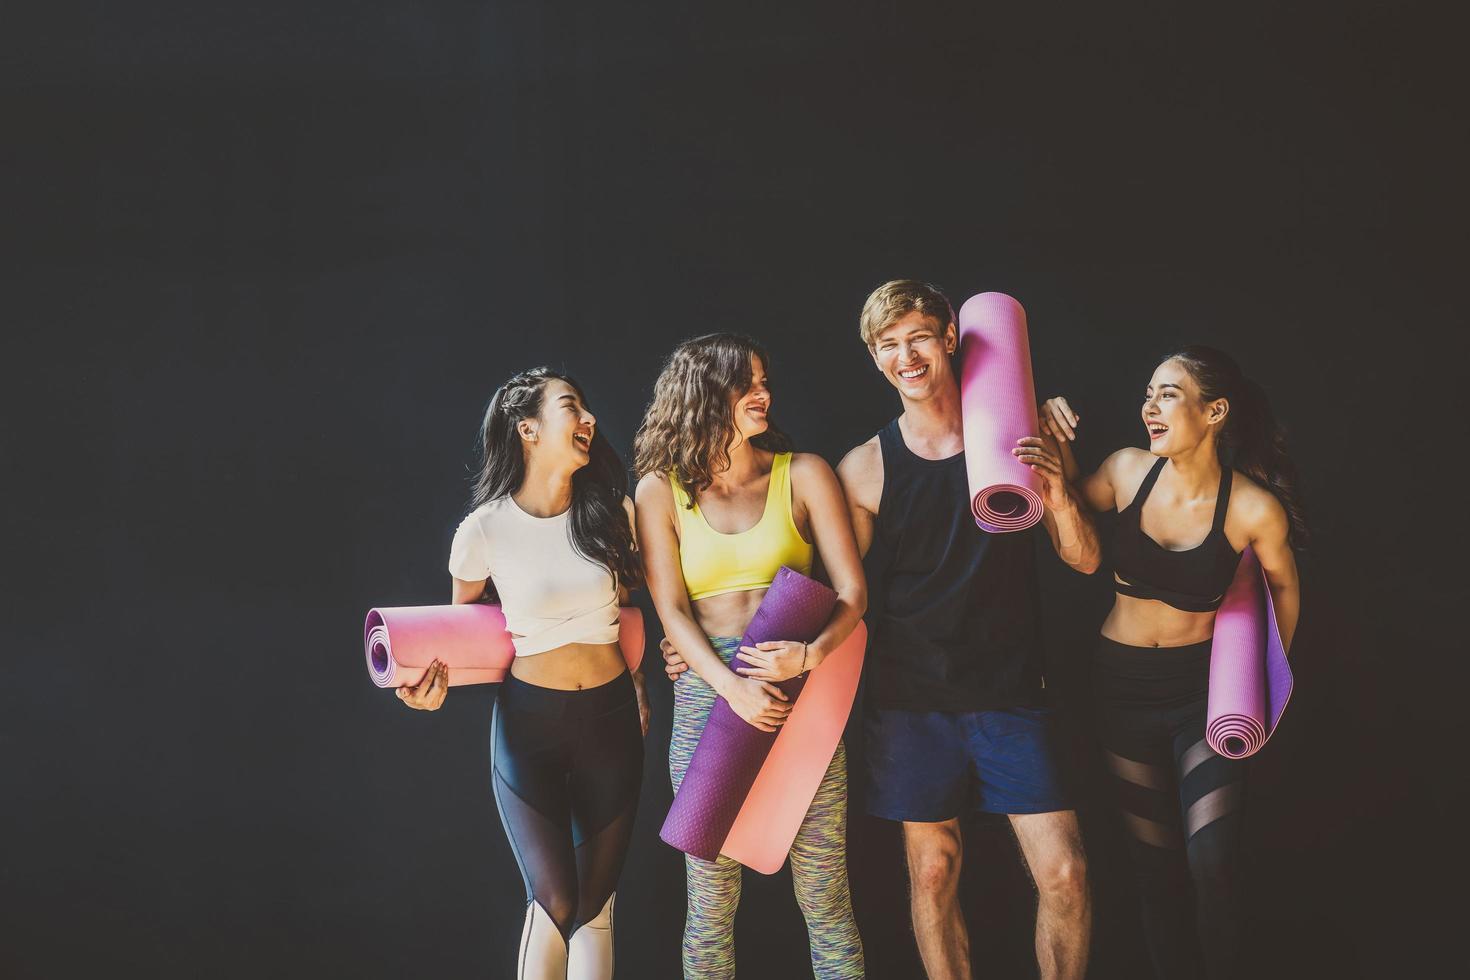 jeunes actifs s'entraînant ensemble dans un cours de yoga photo